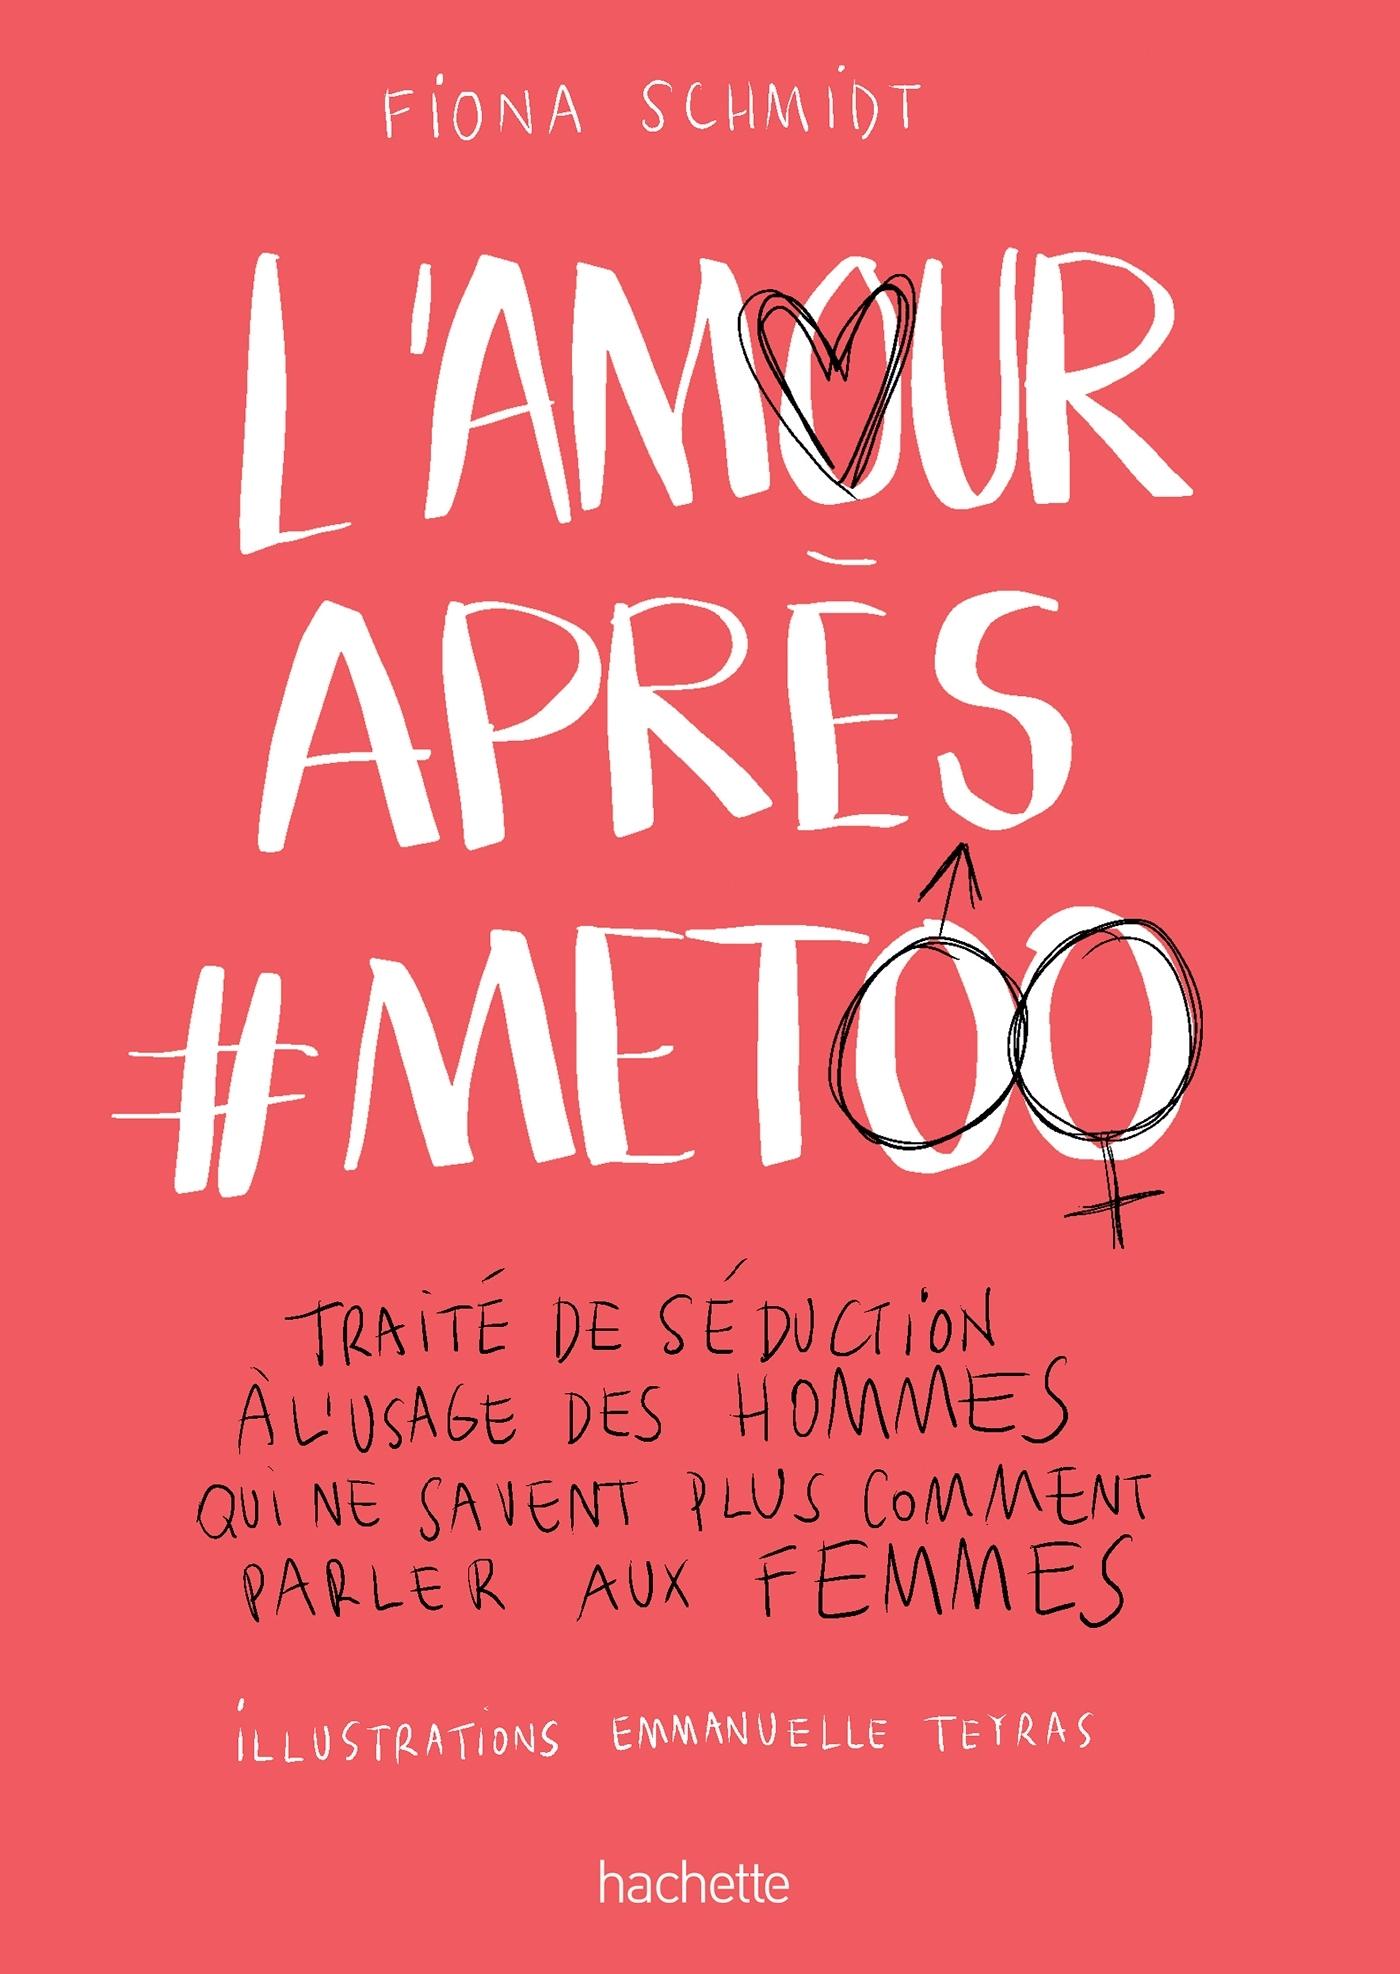 L'AMOUR APRES #METOO - TRAITE DE SEDUCTION A L'USAGE DES HOMMES QUI NE SAVENT PLUS COMMENT PARLER AU